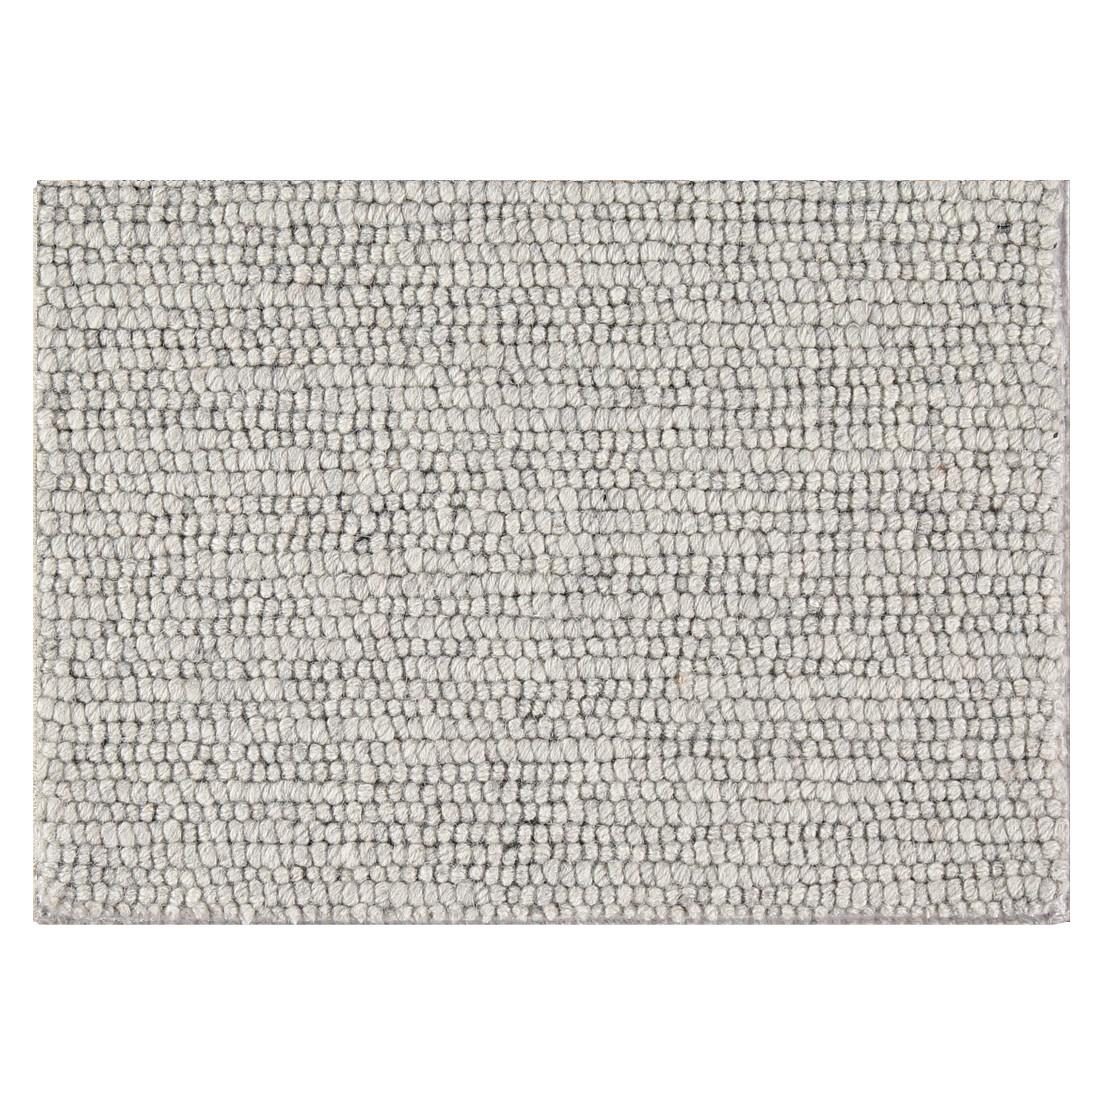 Blazer - 100% Woven Wool Loop Pile - Grey